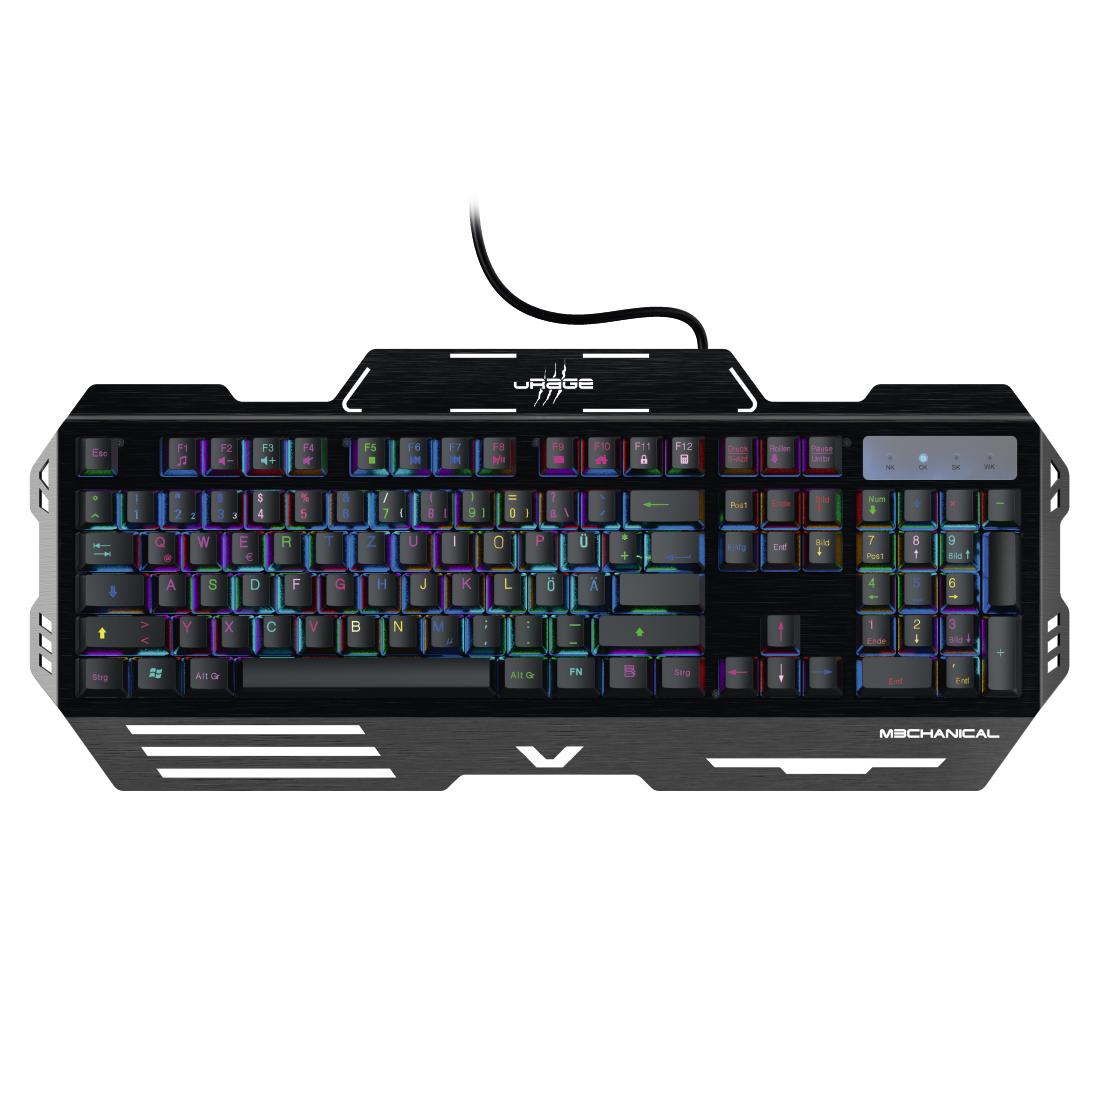 00113767 Urage Urage M3chanical Gaming Keyboard Hama Com